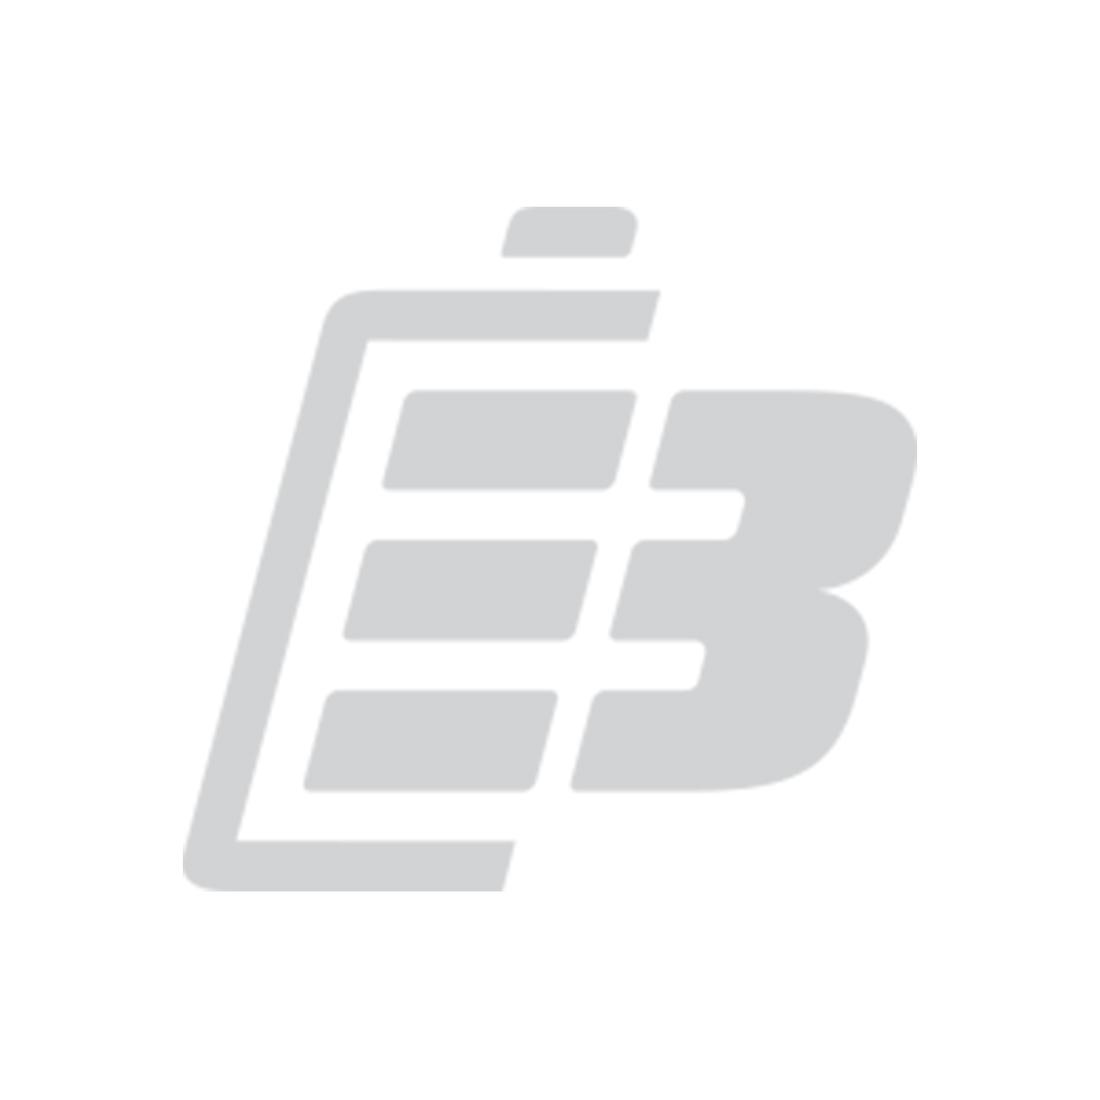 Μπαταρία ηλεκτρικού εργαλείου Bosch 12V 2.0Ah_1